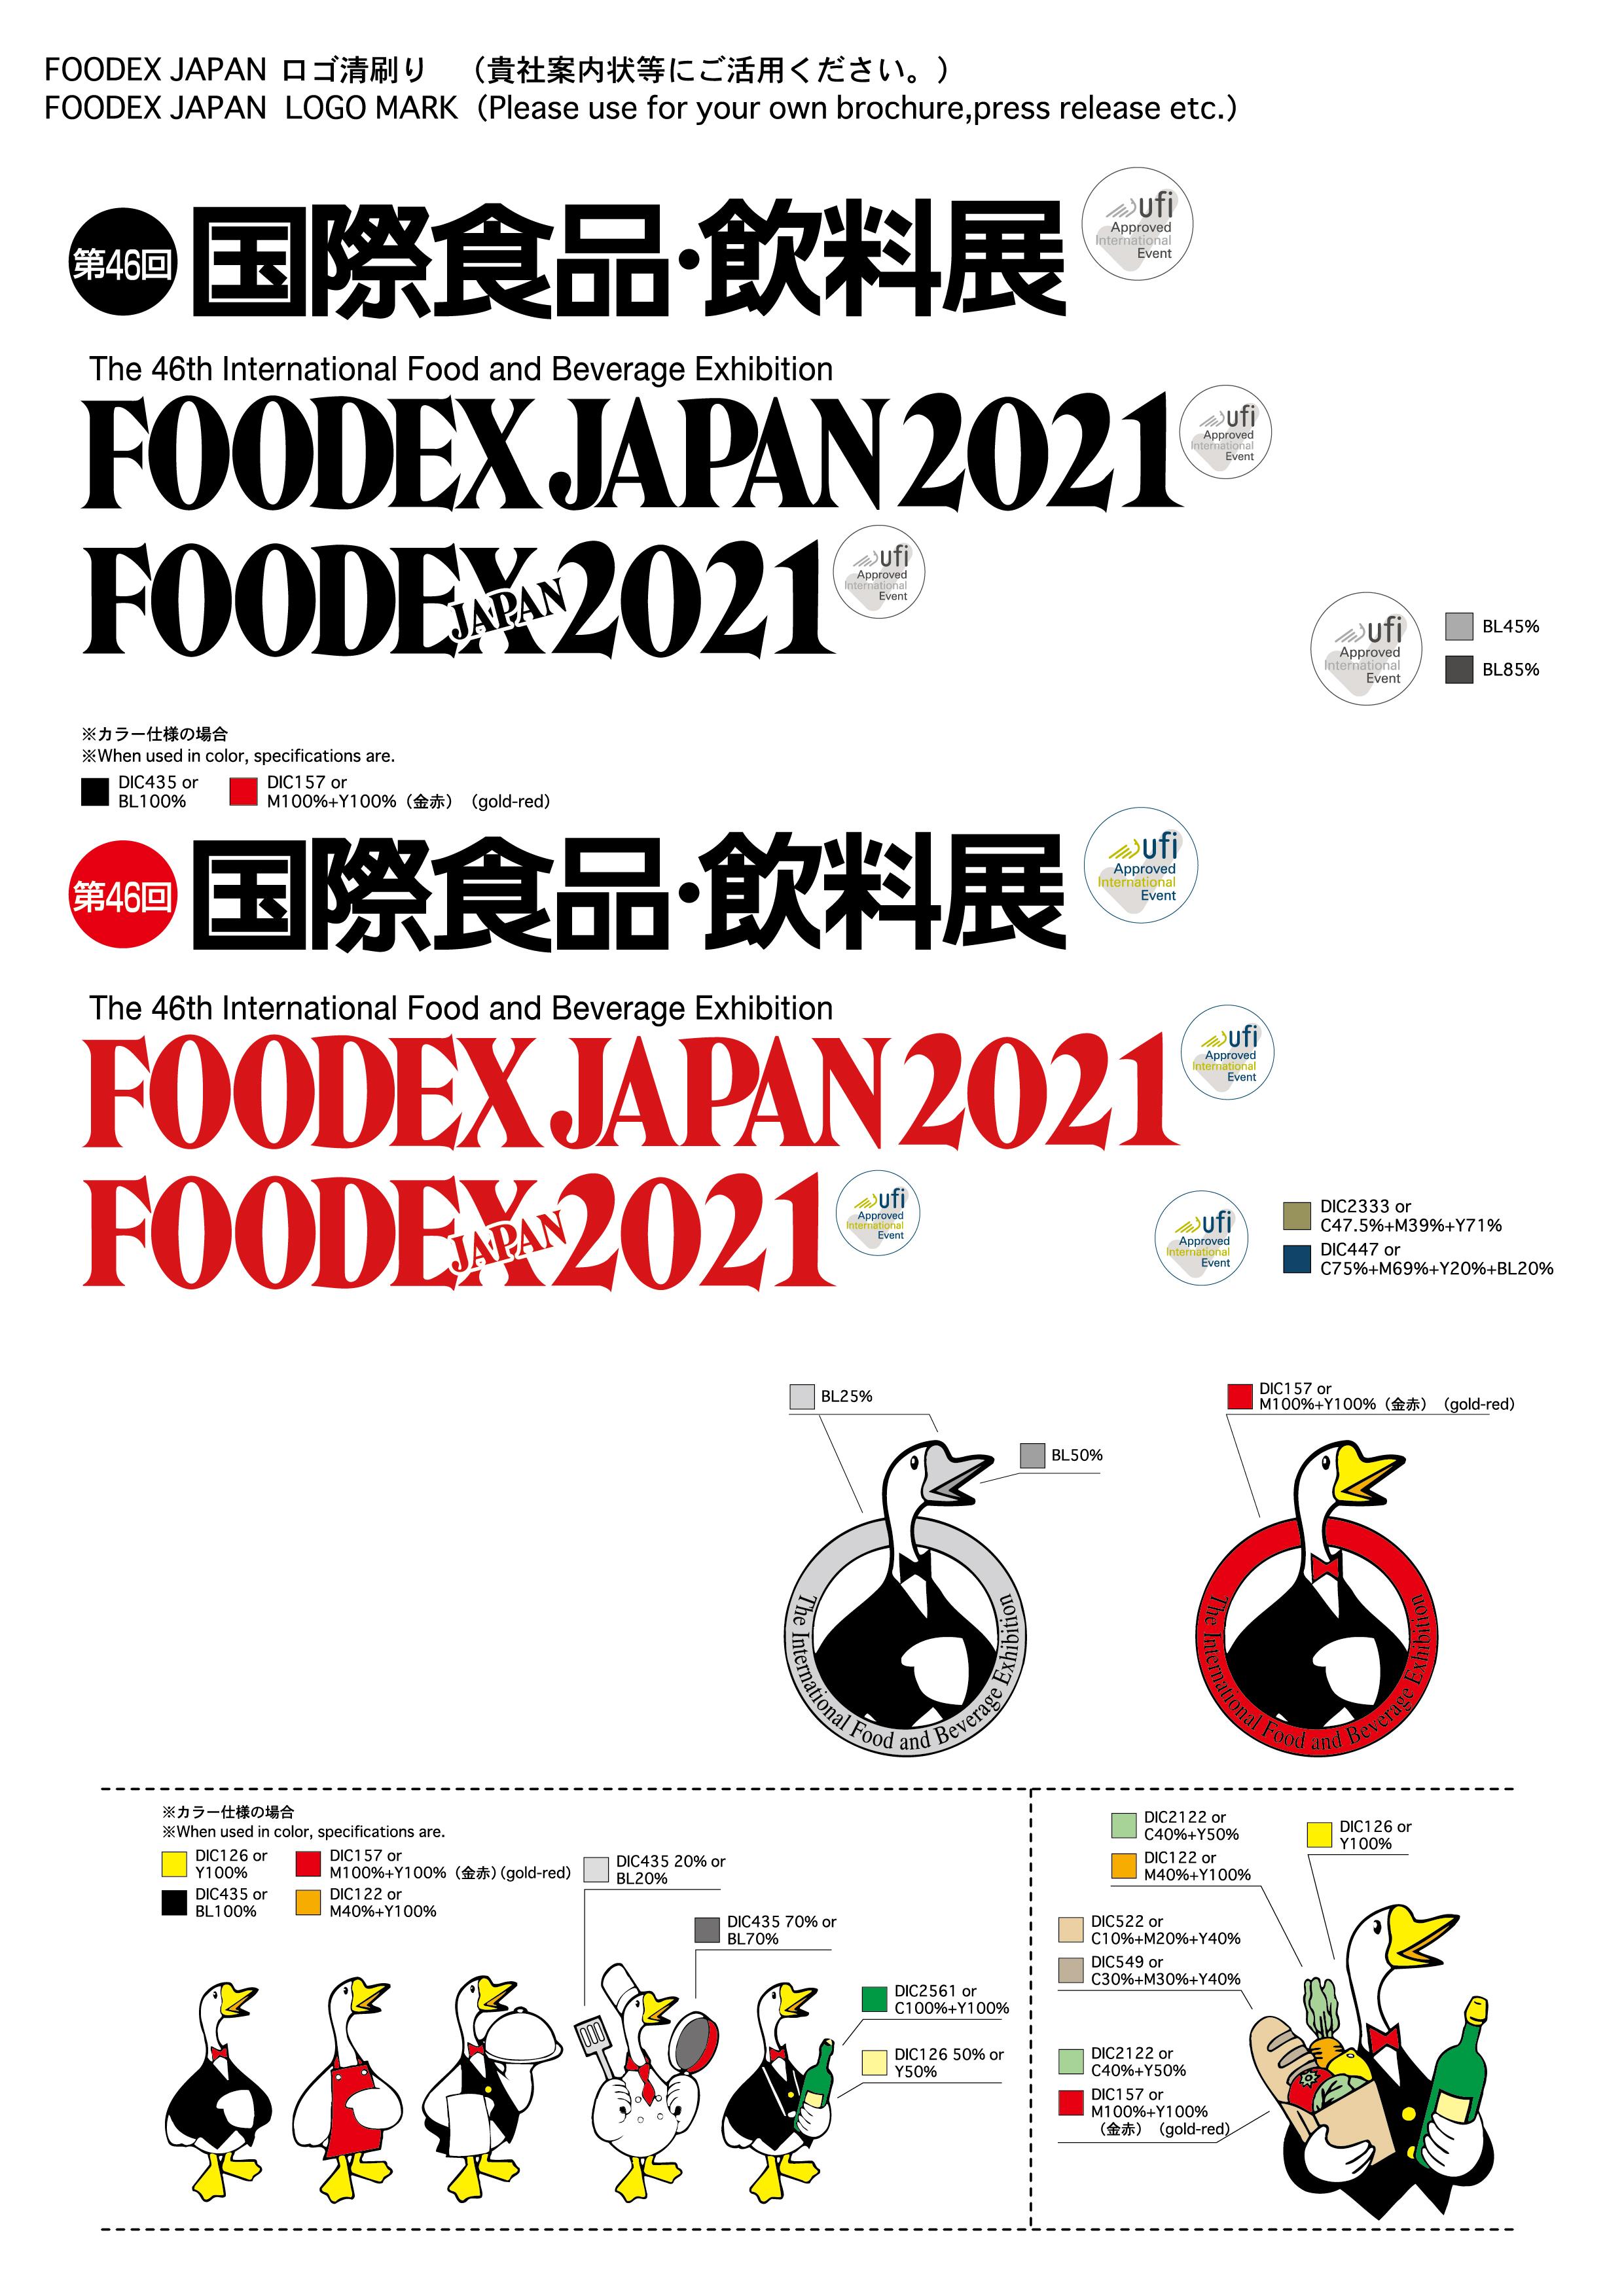 fx2021_logo.jpg